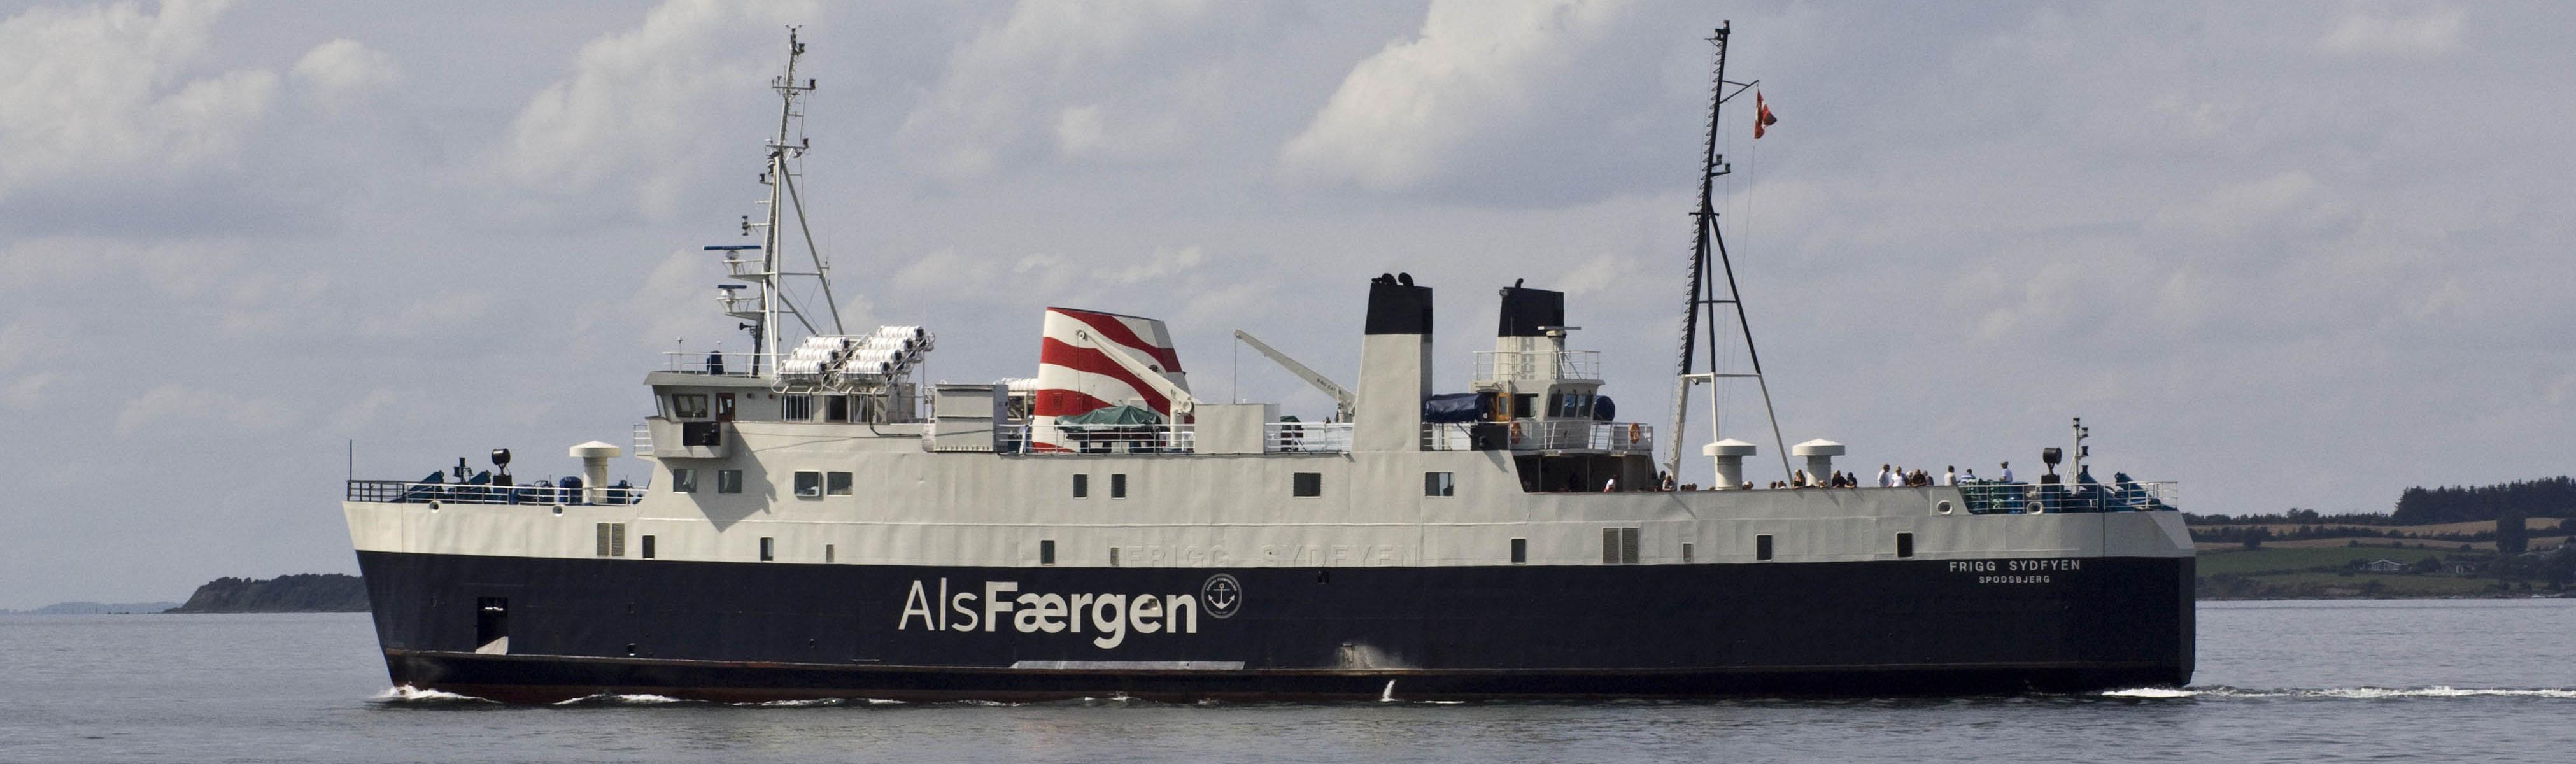 Frigg Sydfyen ved Bøjden Havn på vej mod Fynshav